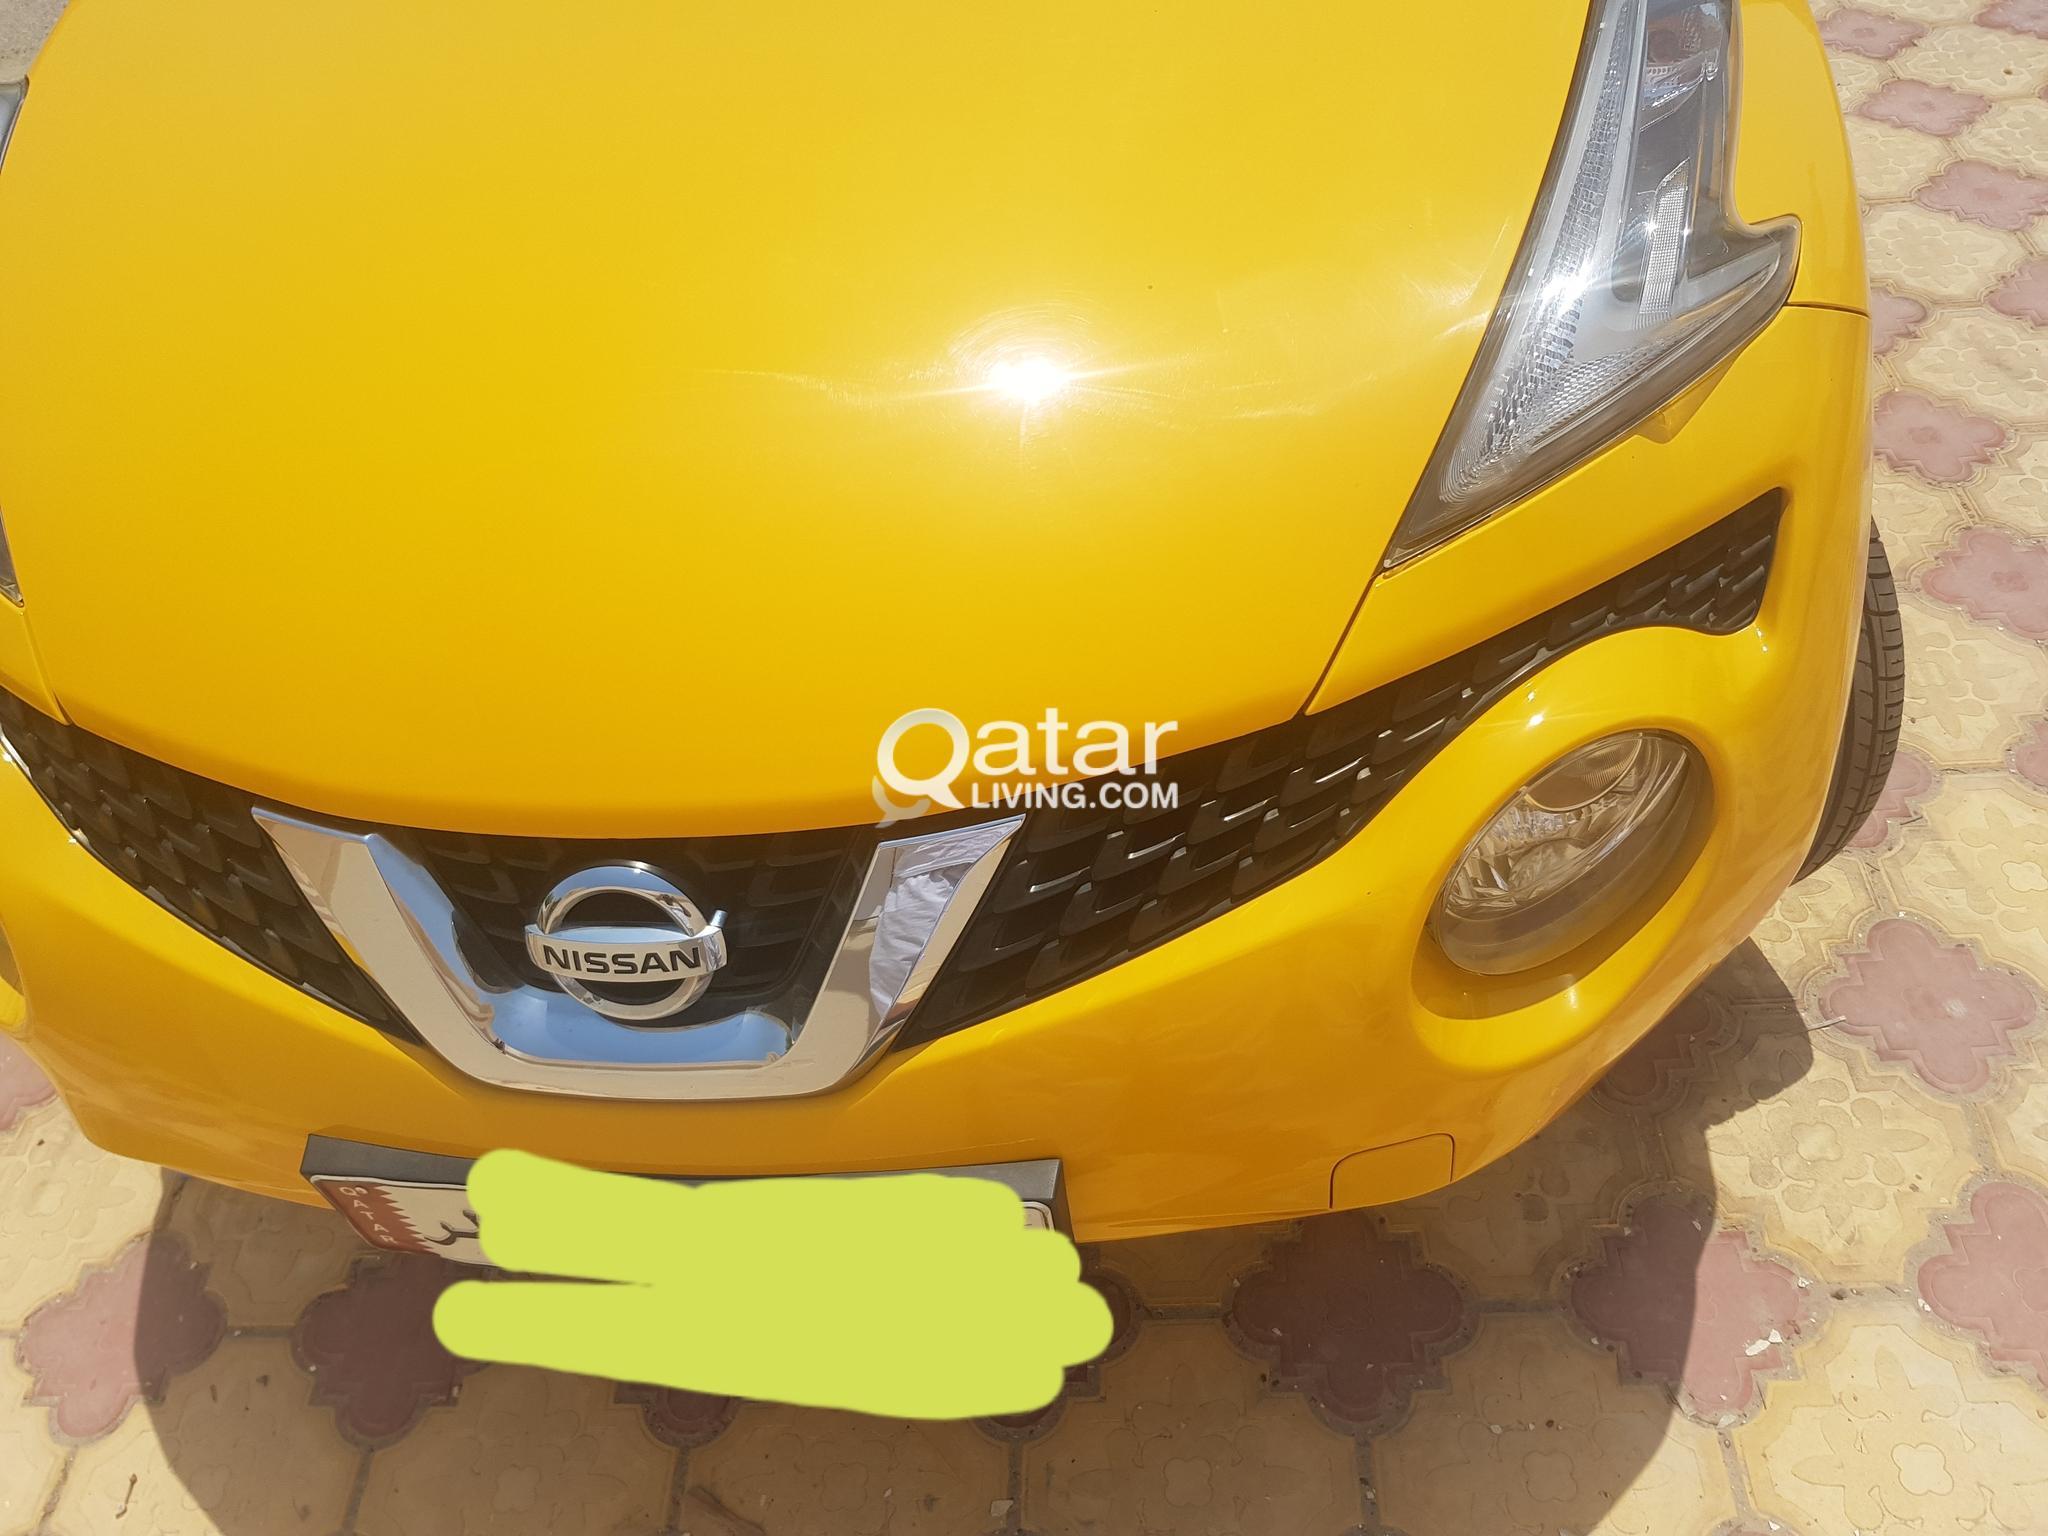 Nissan juke 2015  yellow